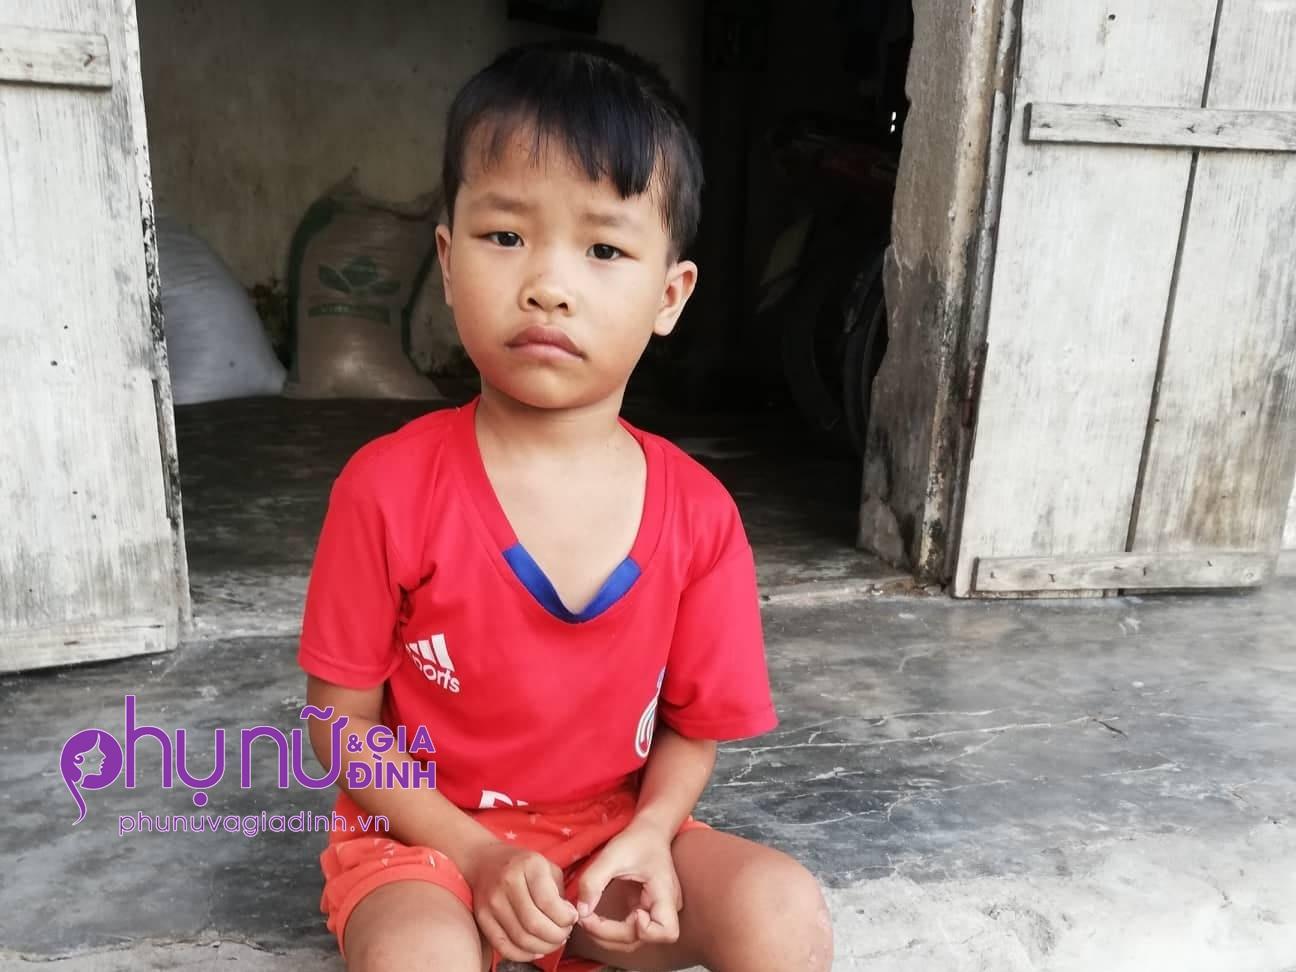 Không cha, mẹ bỏ đi biệt tích, bé gái 5 tuổi chưa được làm giấy khai sinh, chưa được đặt tên, tương lai mịt mù - Ảnh 1